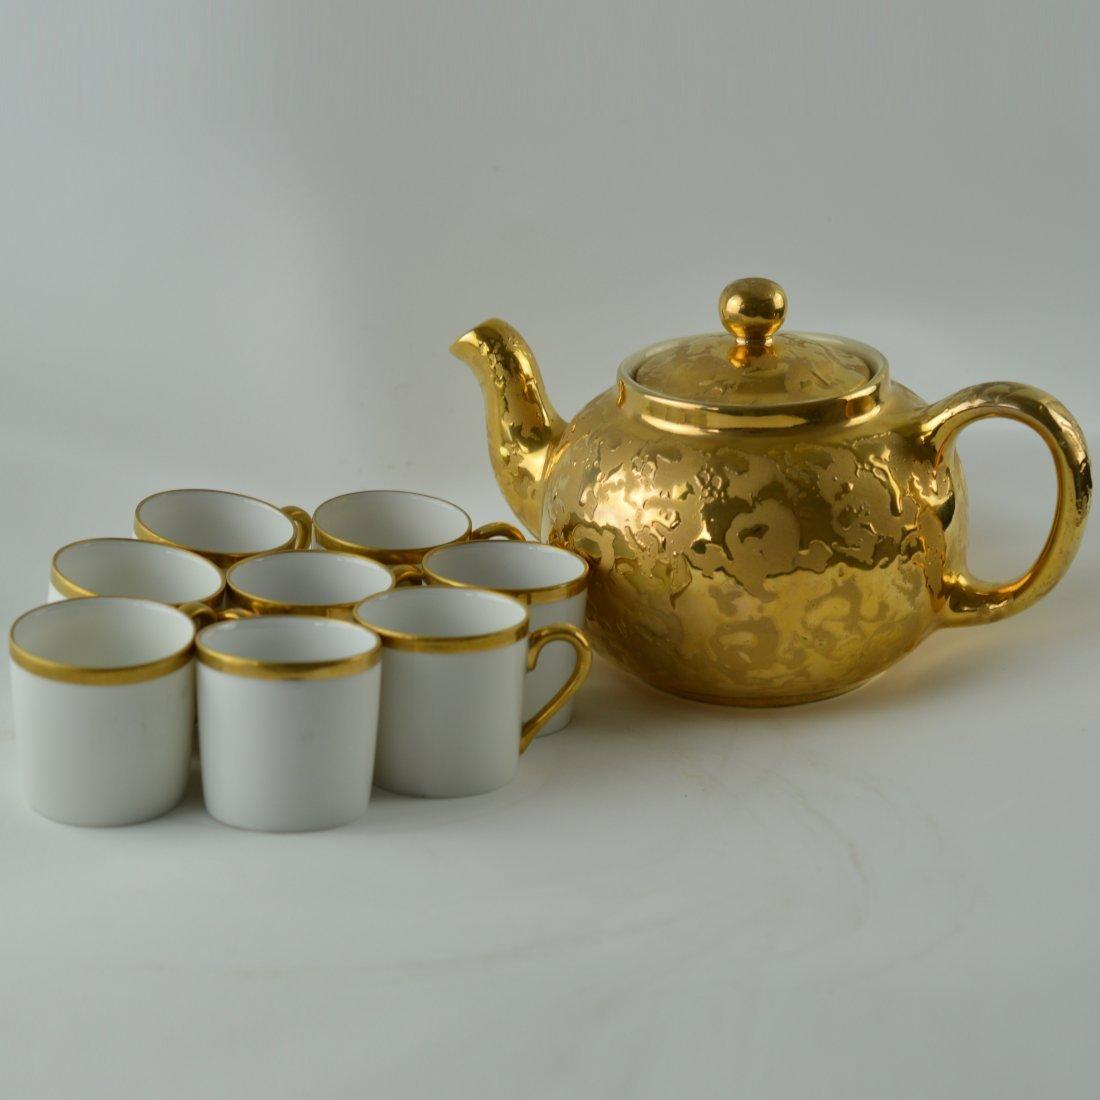 Set of 9 Pcs Gilt Tea Set